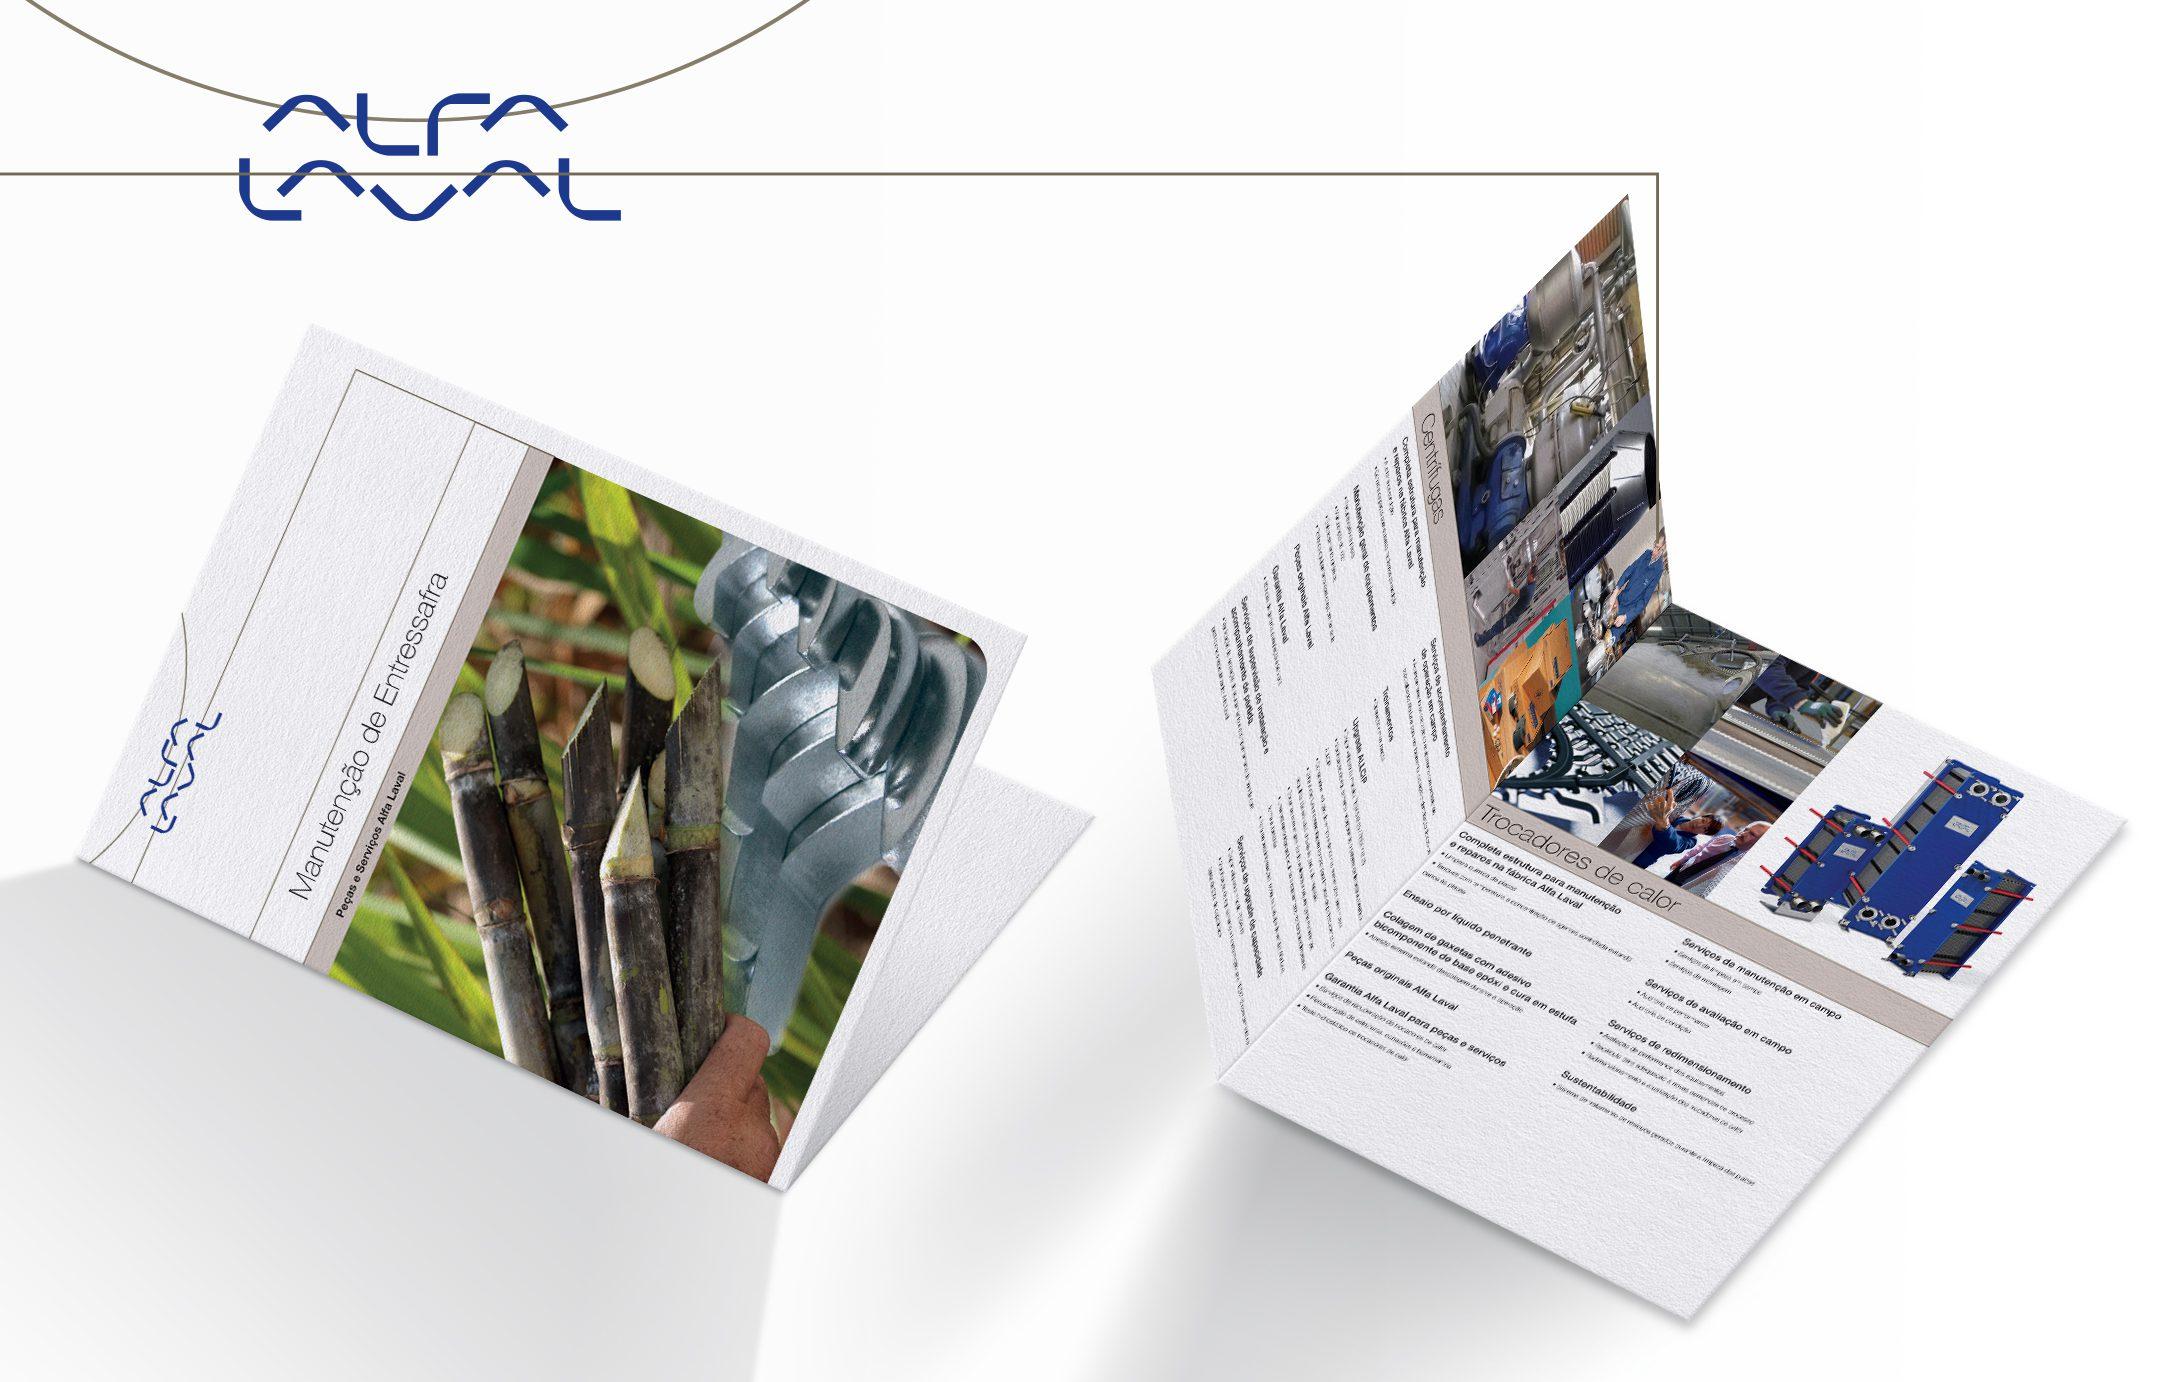 Catálogo de serviços Alfa Laval